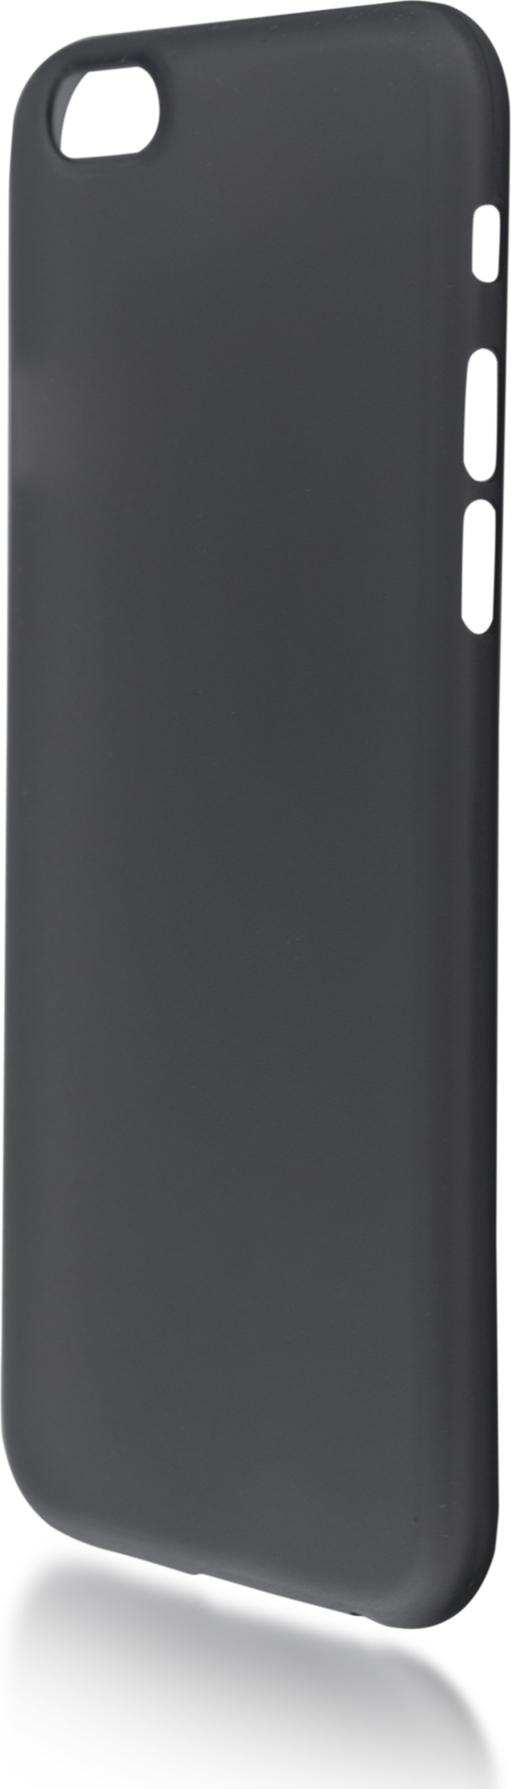 Чехол Brosco SuperSlim для Apple iPhone 6, черный